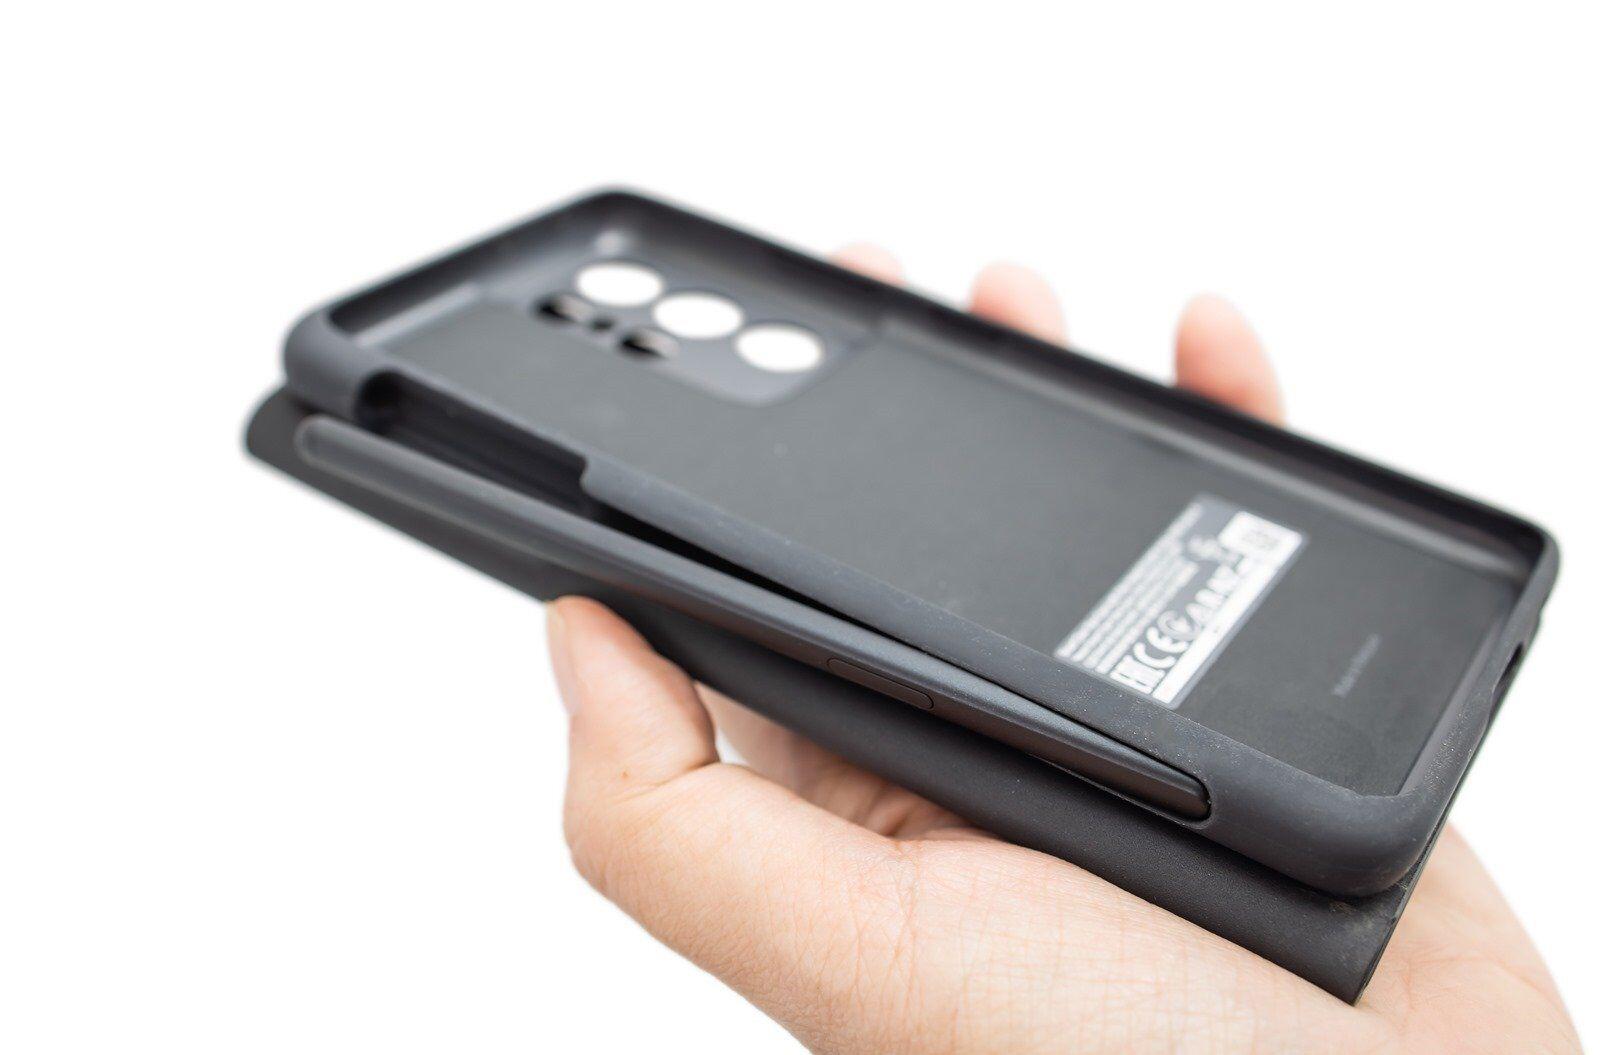 [動手玩] S21 Ultra 原廠 S Pen 收納掀蓋保護套動手玩 @3C 達人廖阿輝